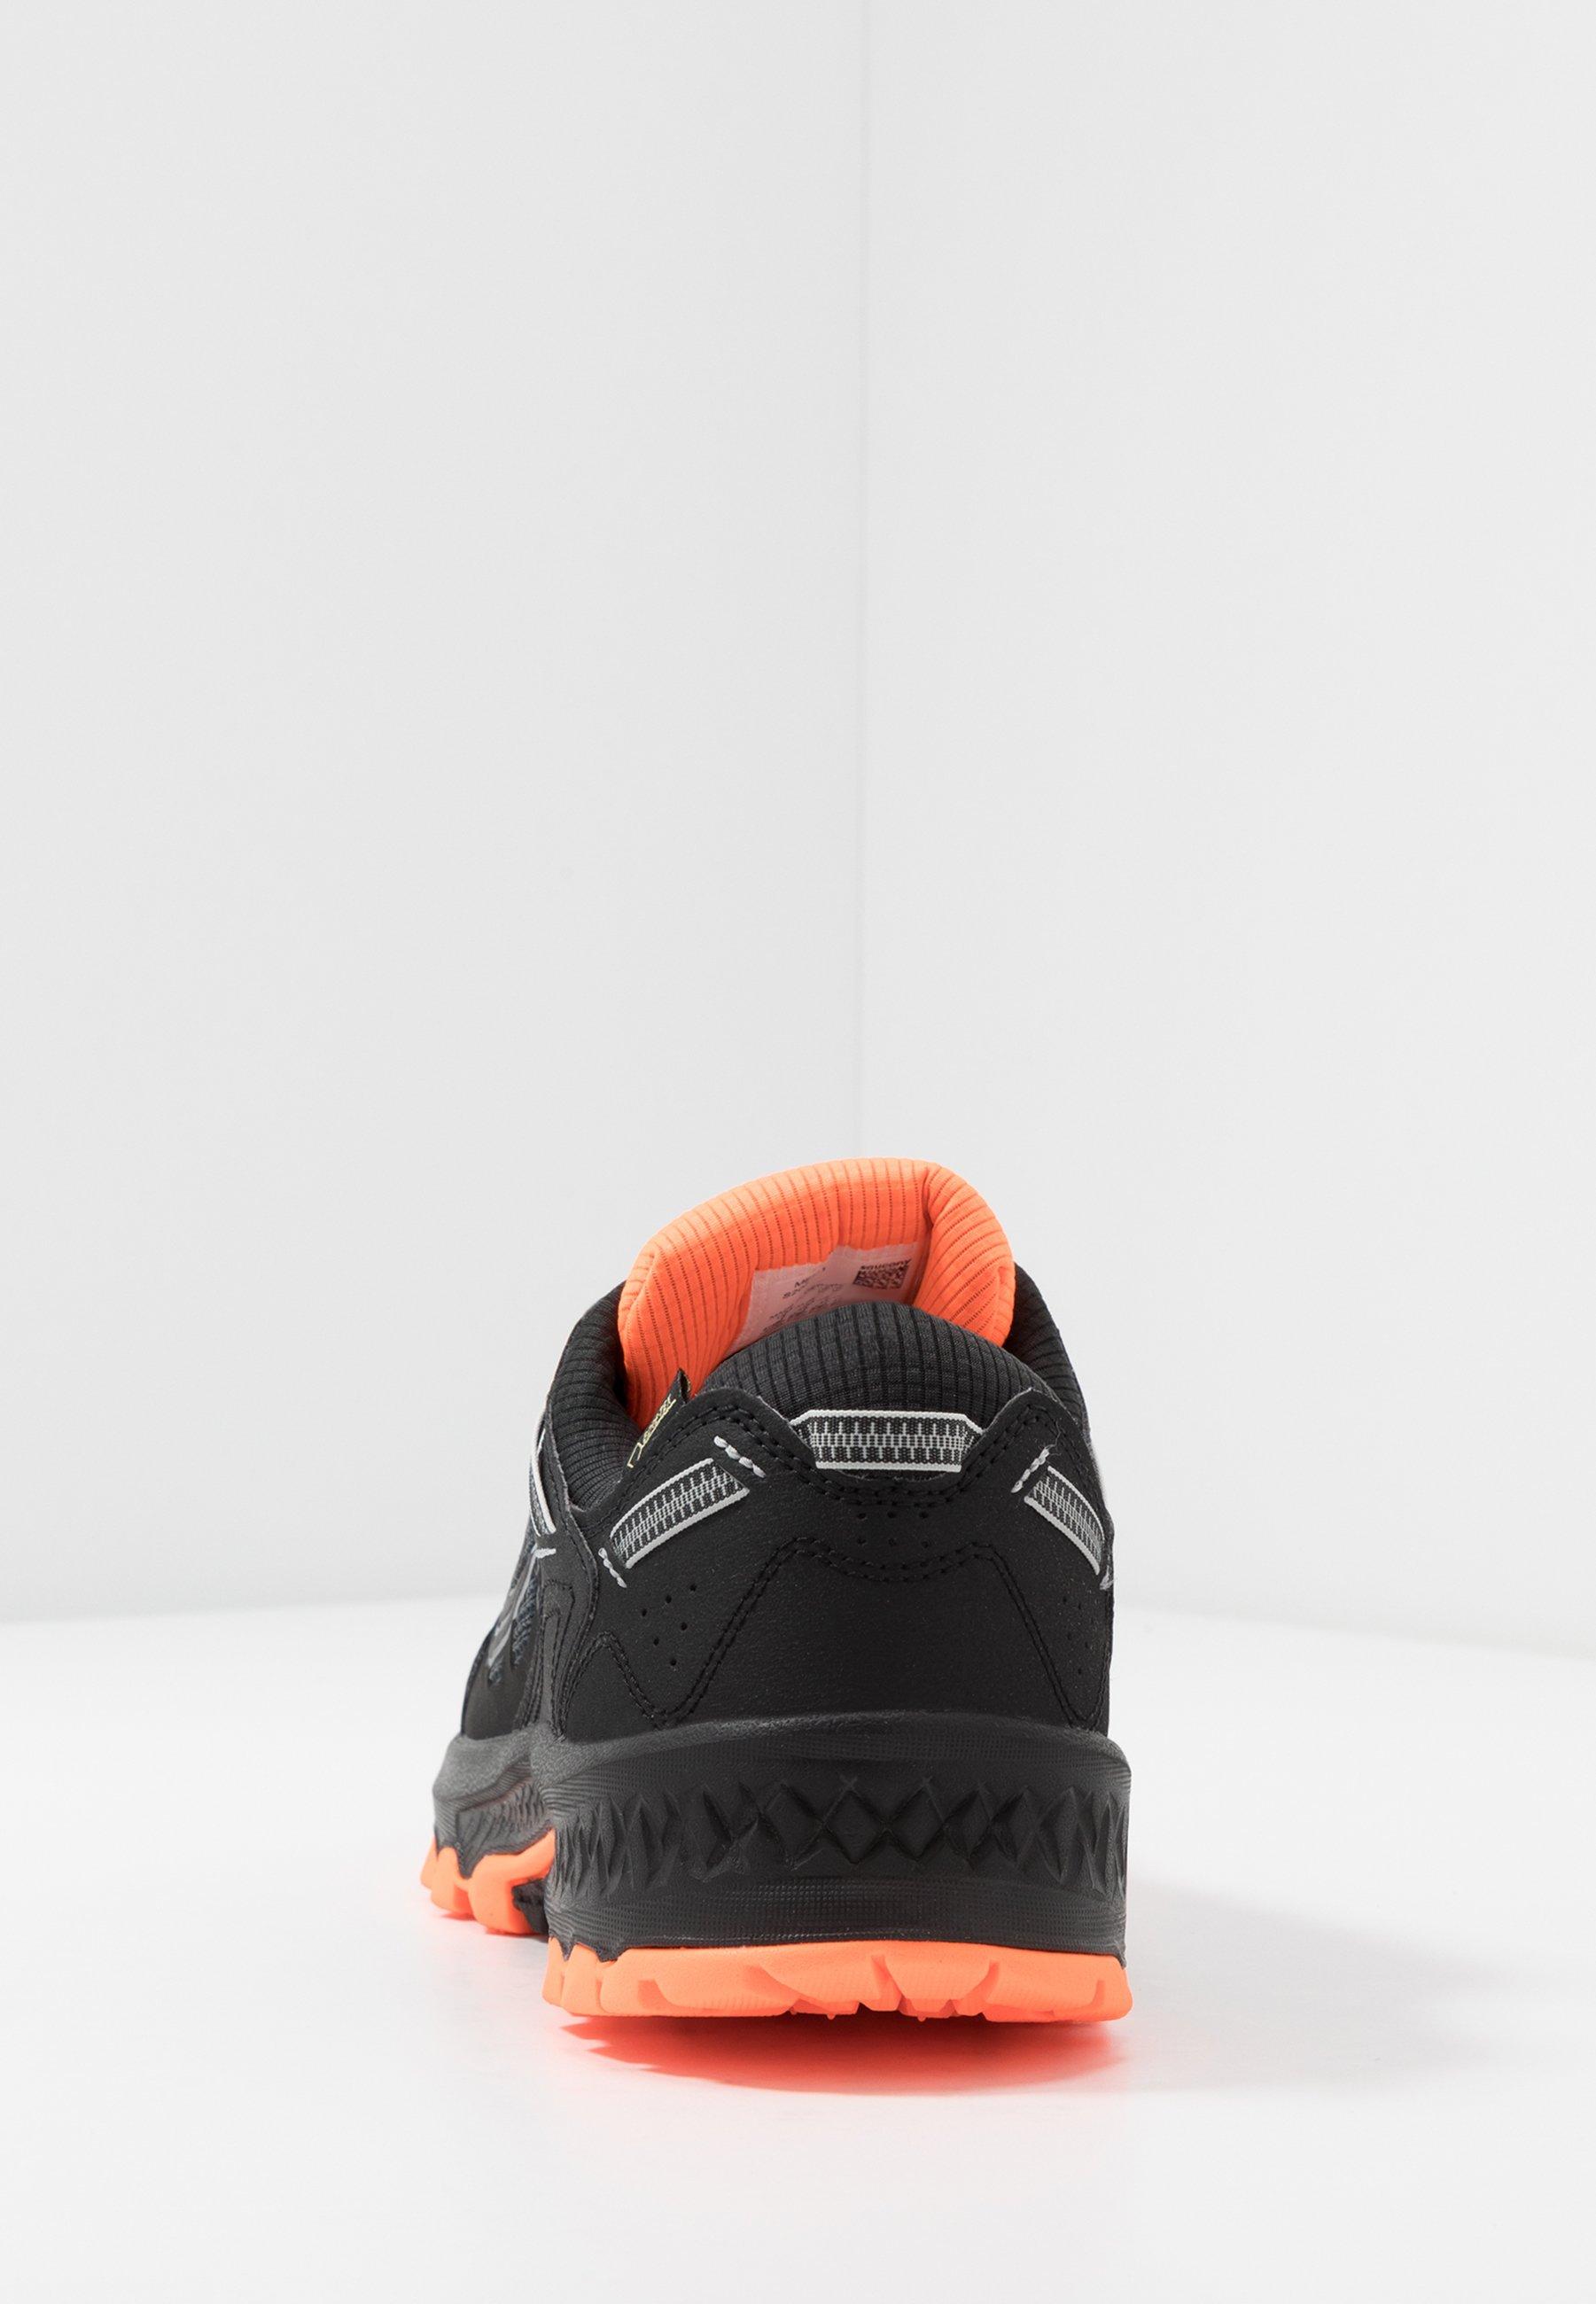 nike sko oransje og svarte striper